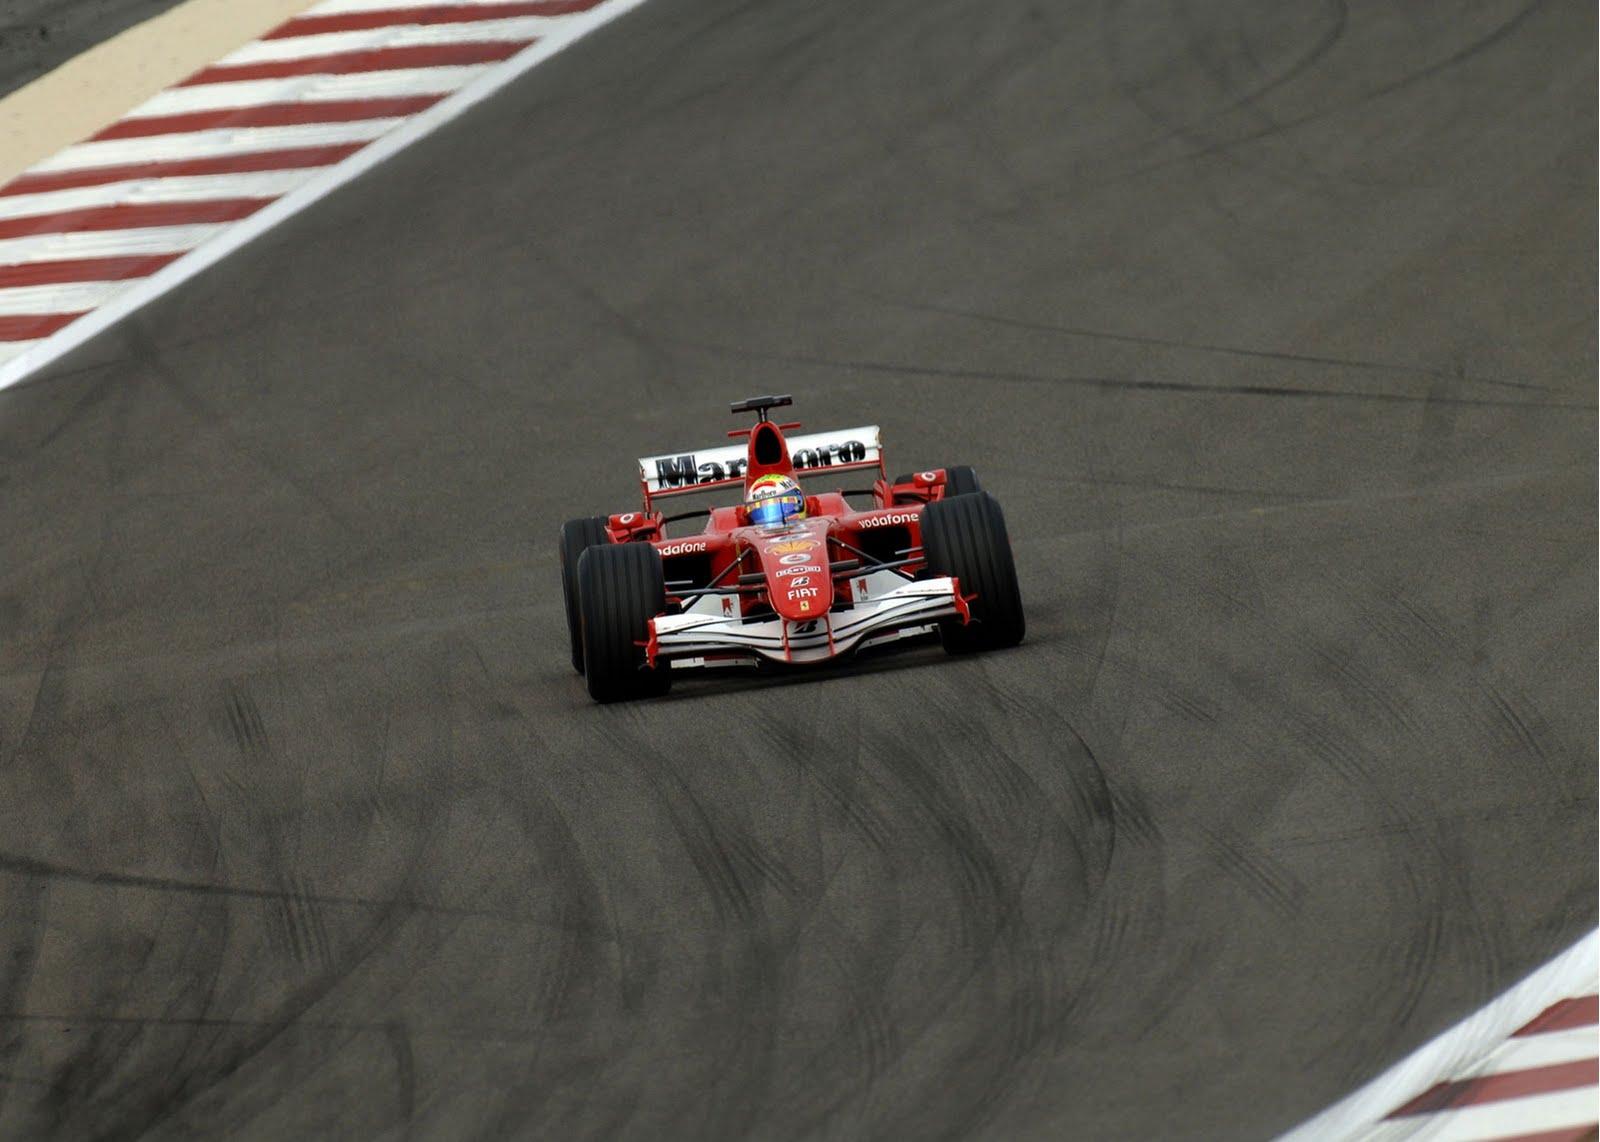 http://2.bp.blogspot.com/-s7wz-n6i9CM/TcaVf0TgkCI/AAAAAAAAAOo/9QjQ6bWLvoc/s1600/Ferrari_F1_195_1600.jpg